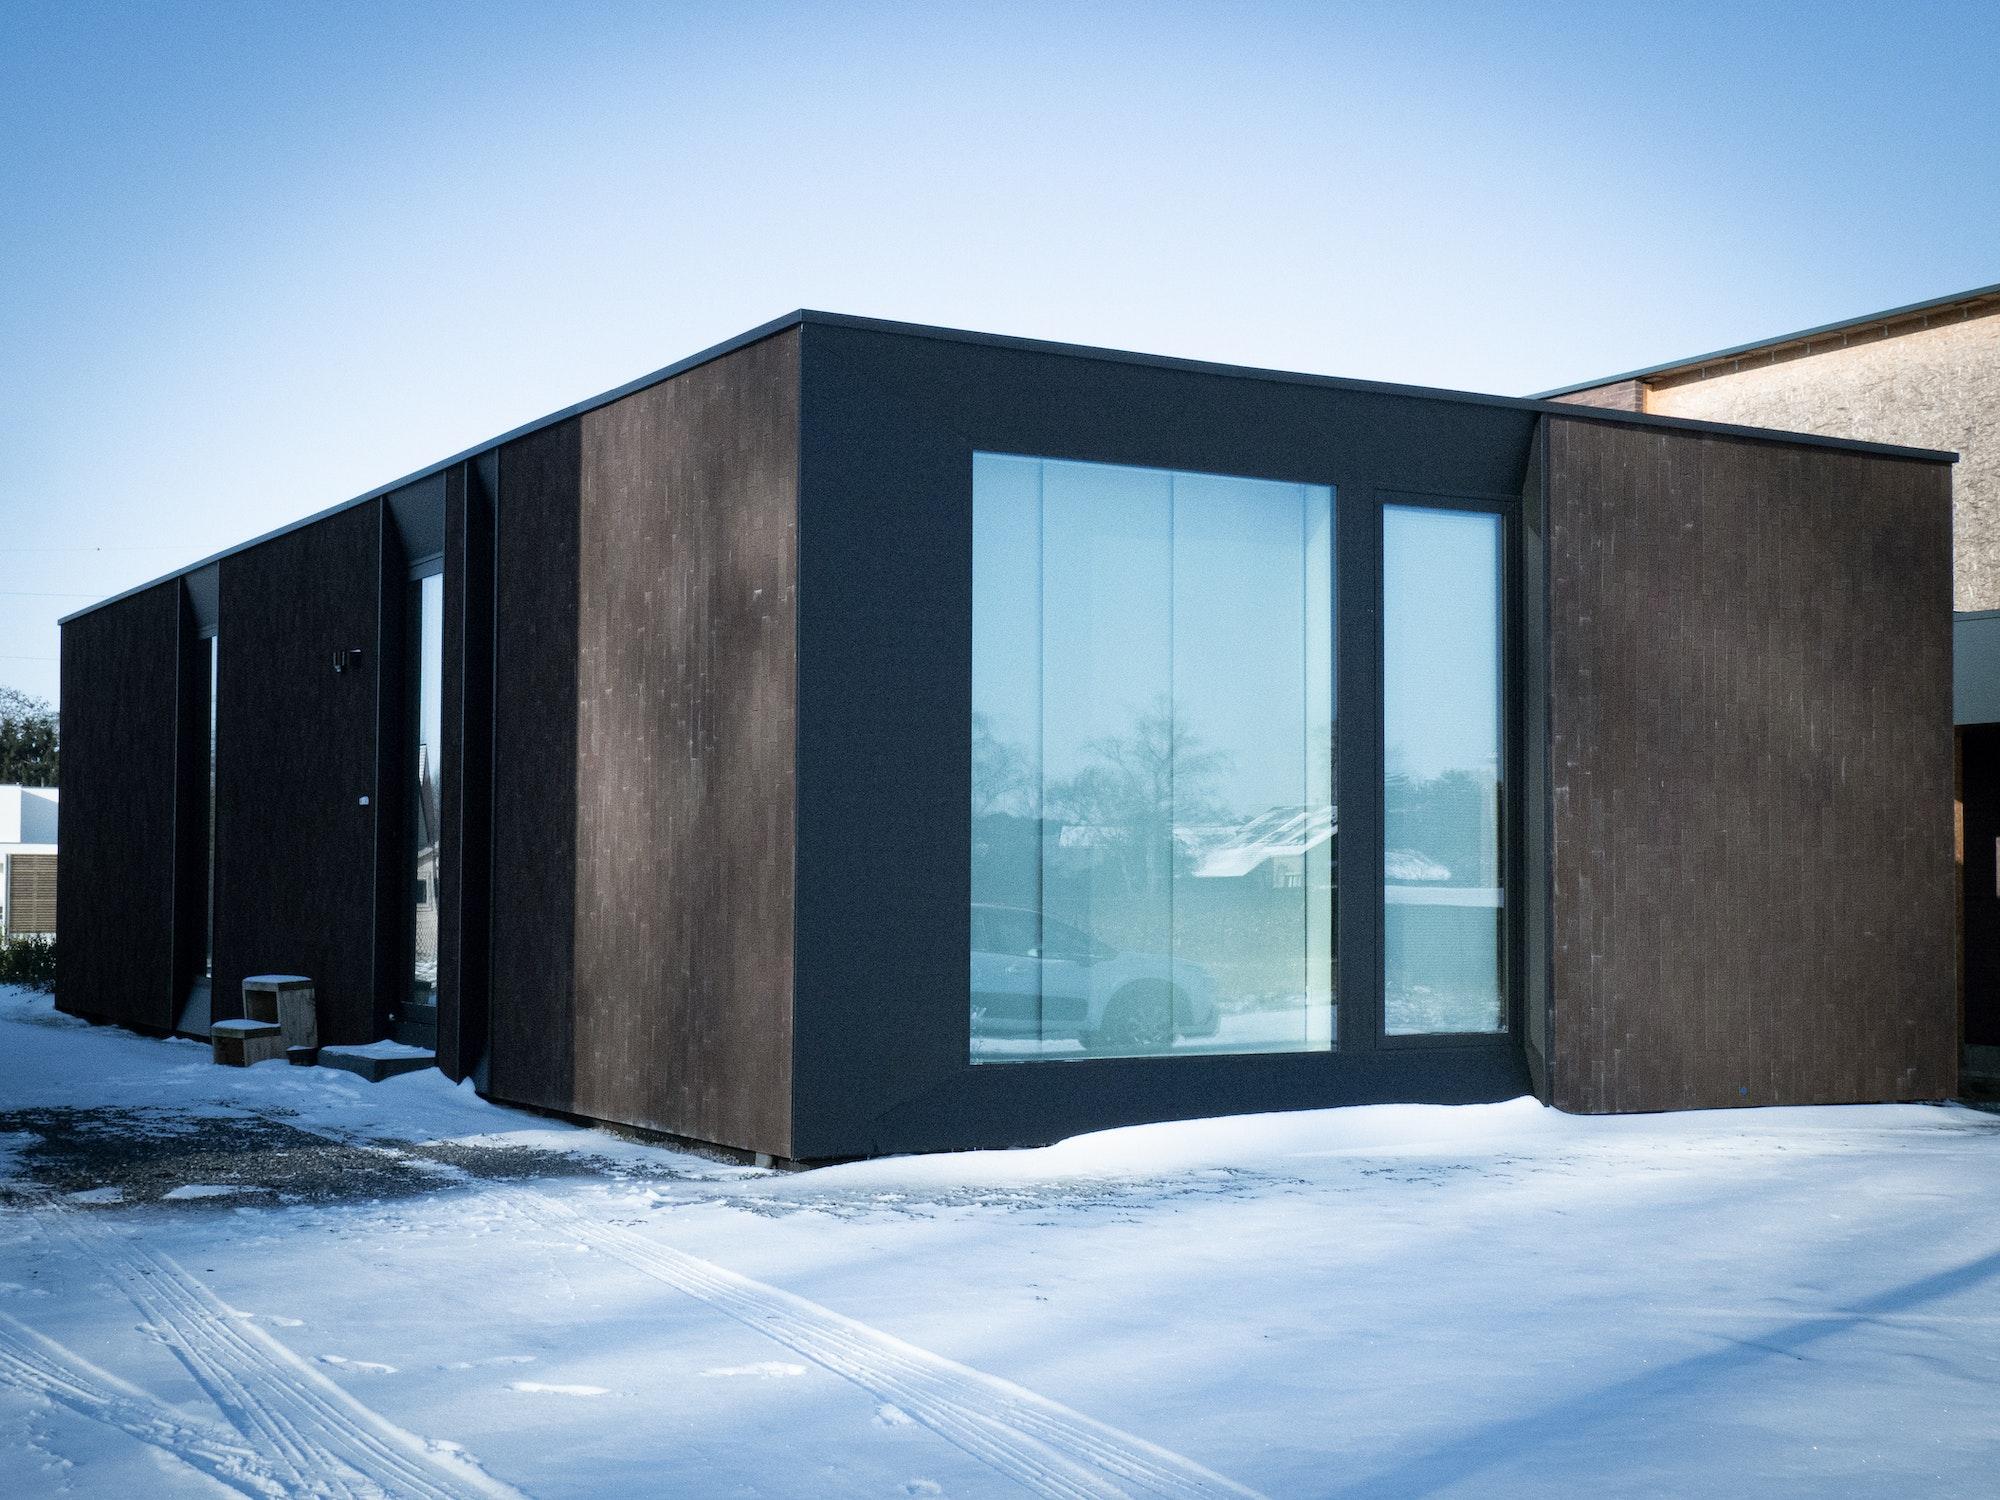 Skilpod #80A — houtskeletbouw bungalow woning met 2 slaapkamers, modern design met zwarte steen